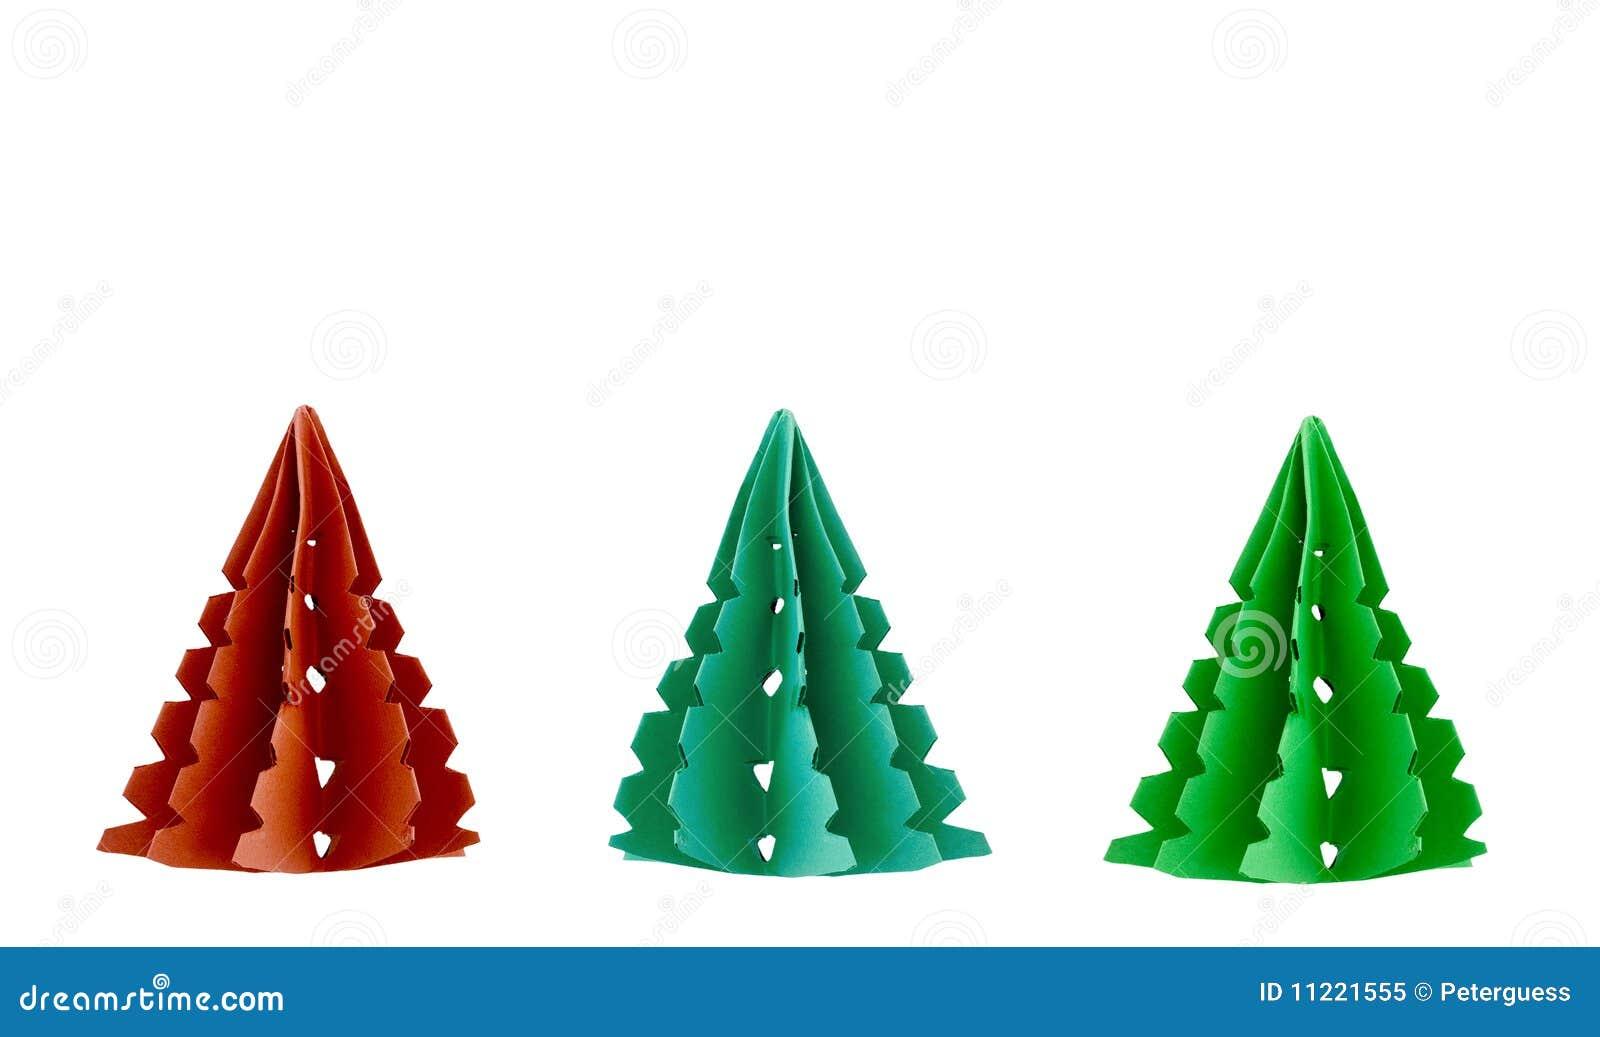 Famoso Tre Alberi Di Natale Di Carta Immagine Stock - Immagine: 11221555 CF13